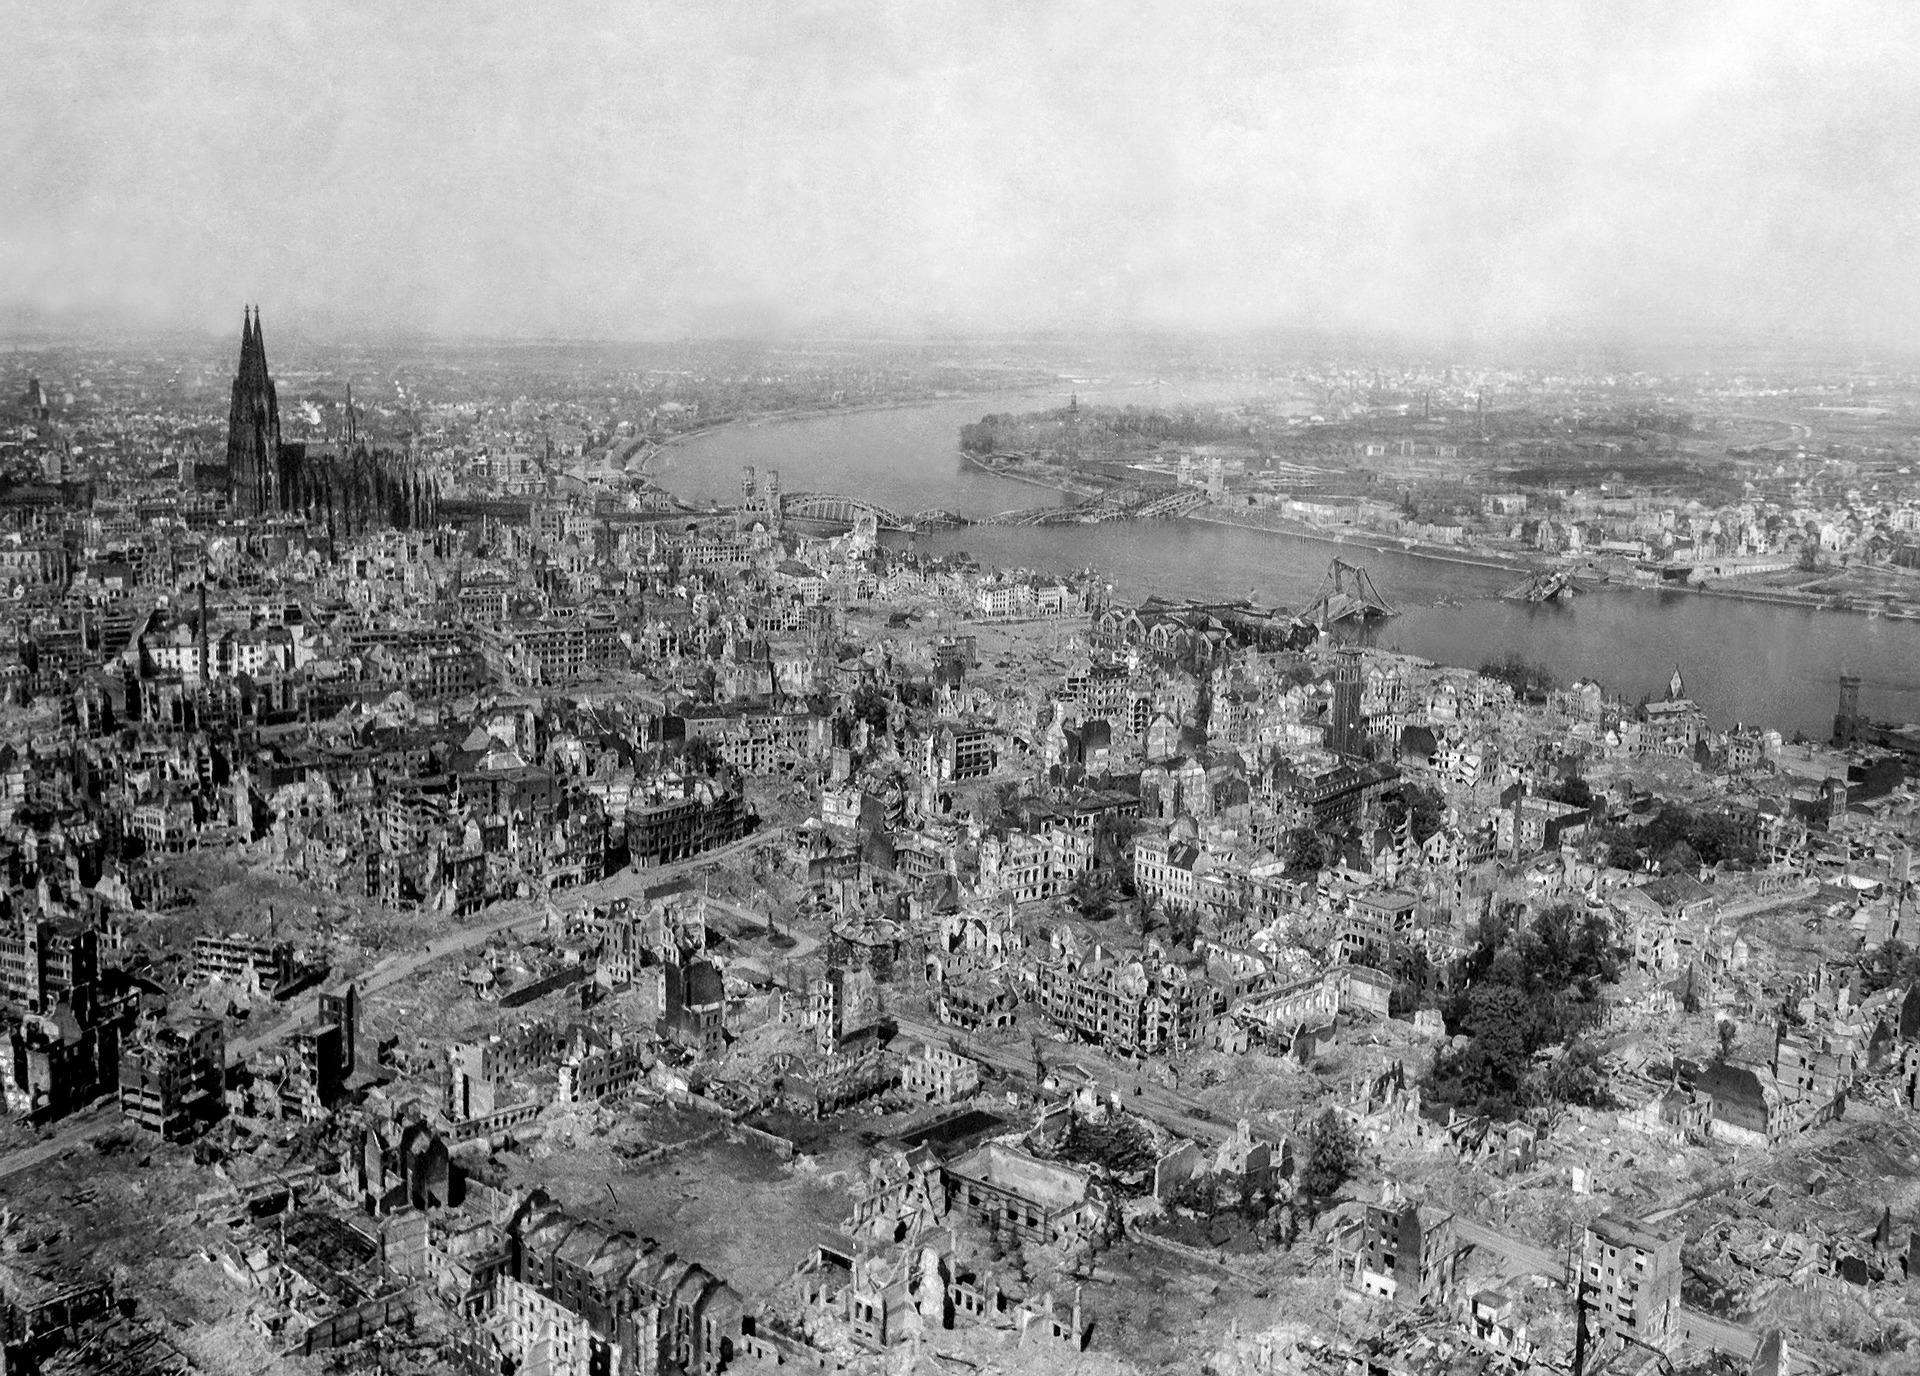 A második világháborúban ledobott bombák átmenetileg felmelegítették az atmoszférát